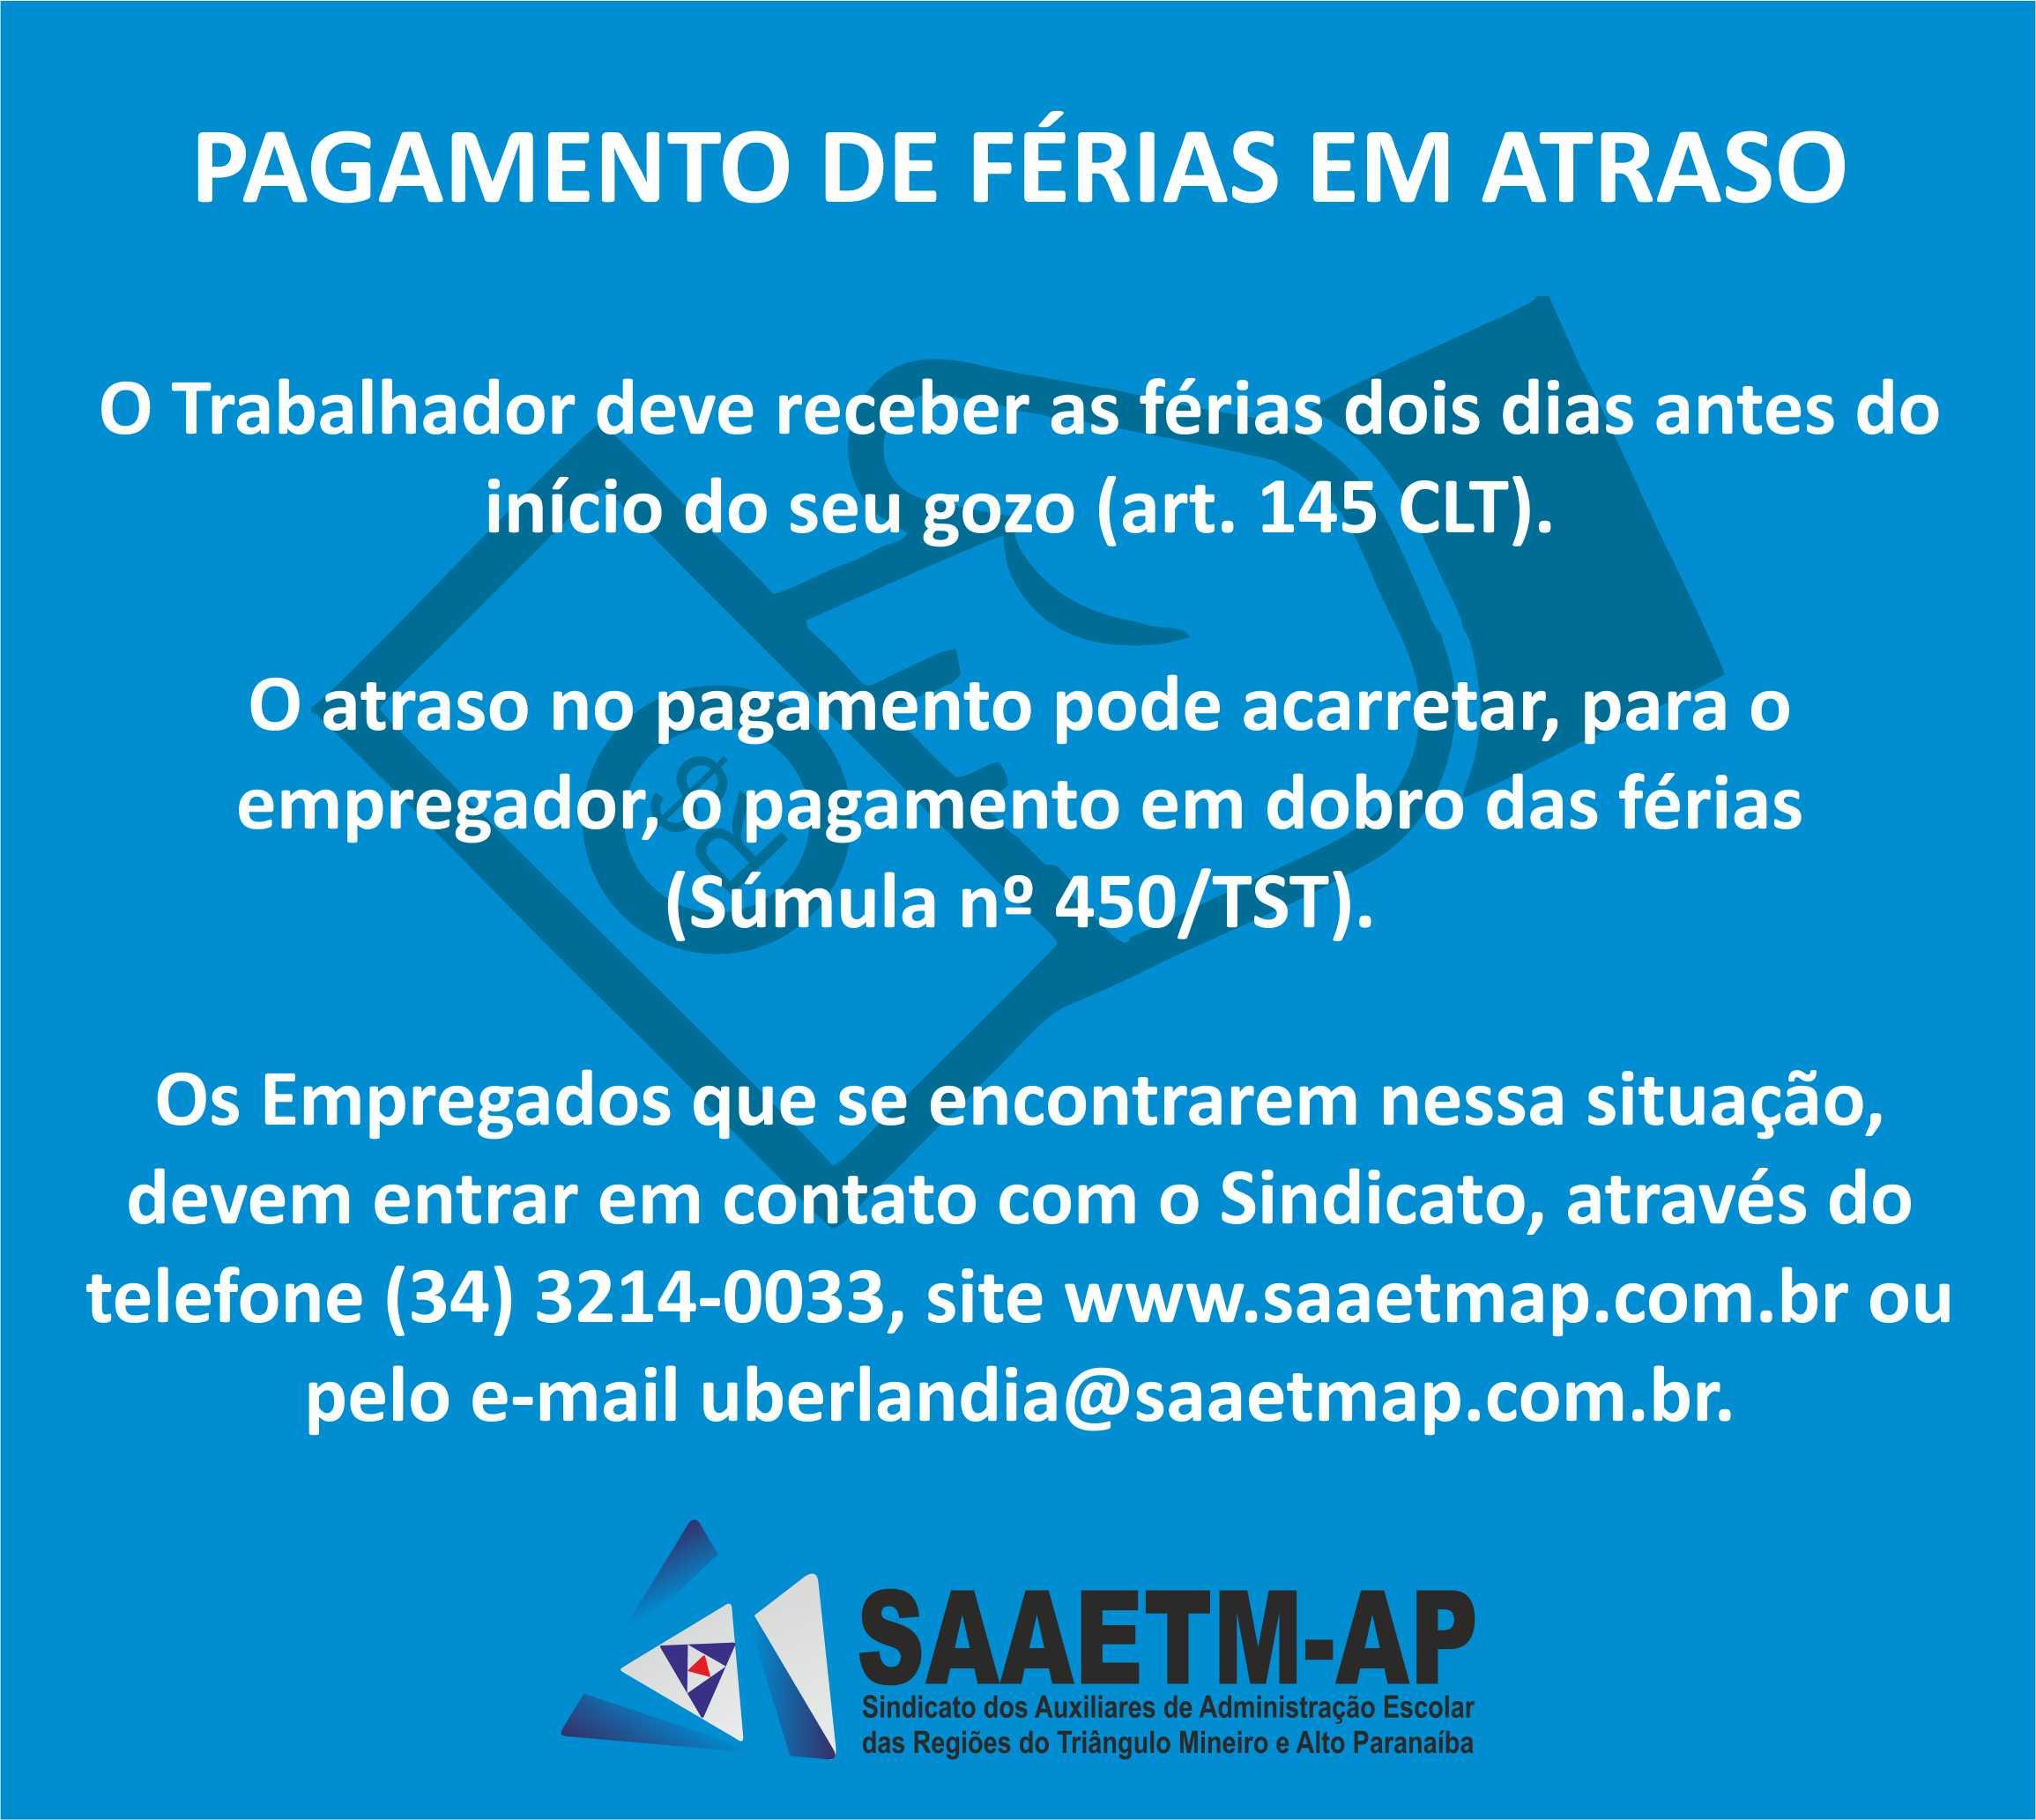 ferias_atrasadas